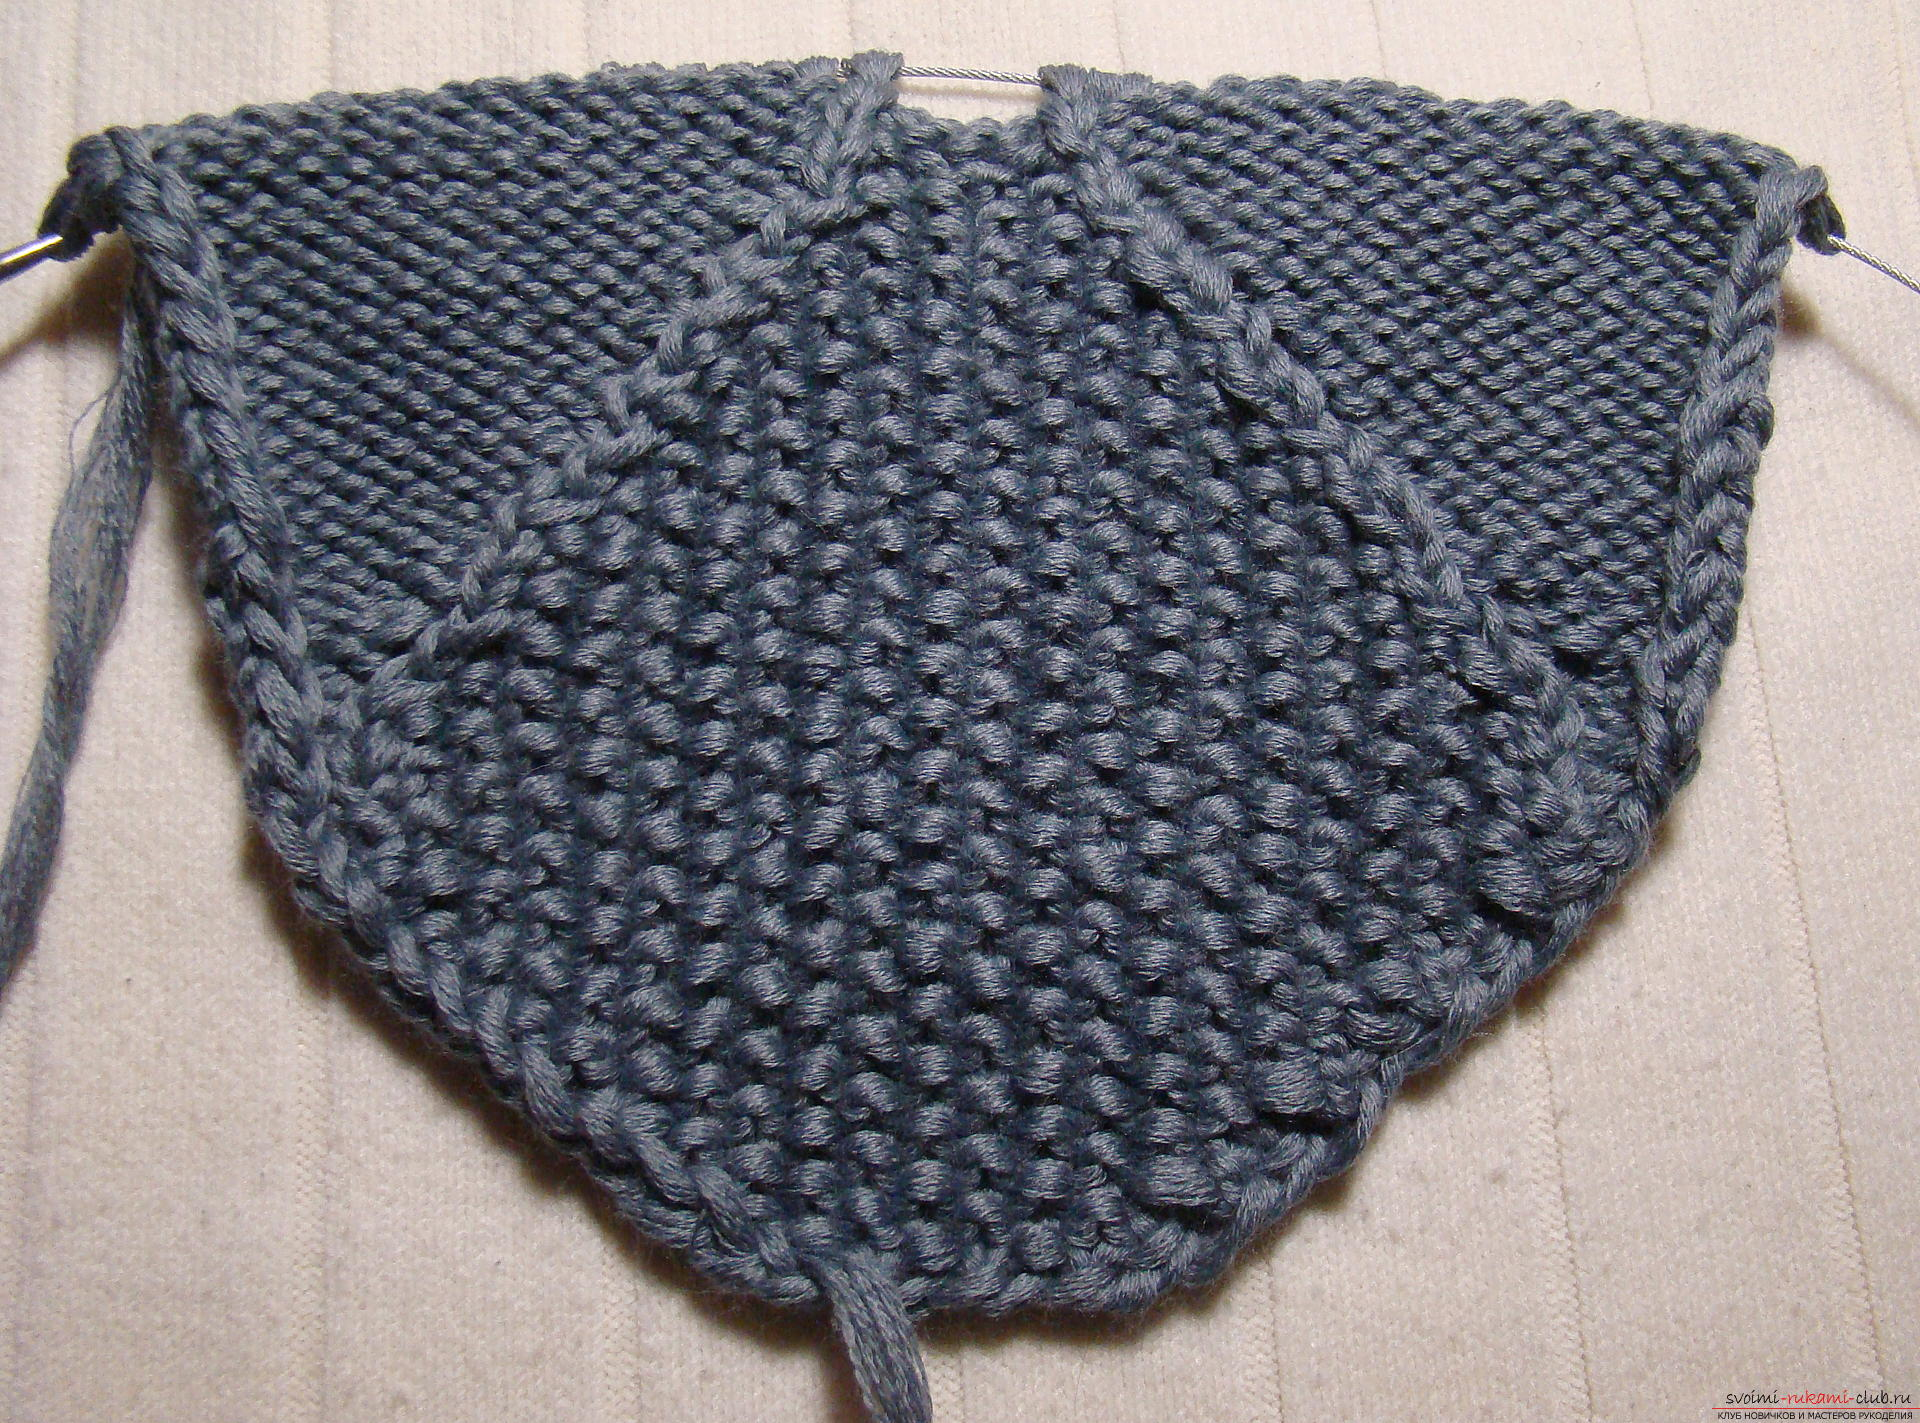 Этот подробный мастер-класс вязания тапочек на двух спицах расскажет как вязать мужские тапочки